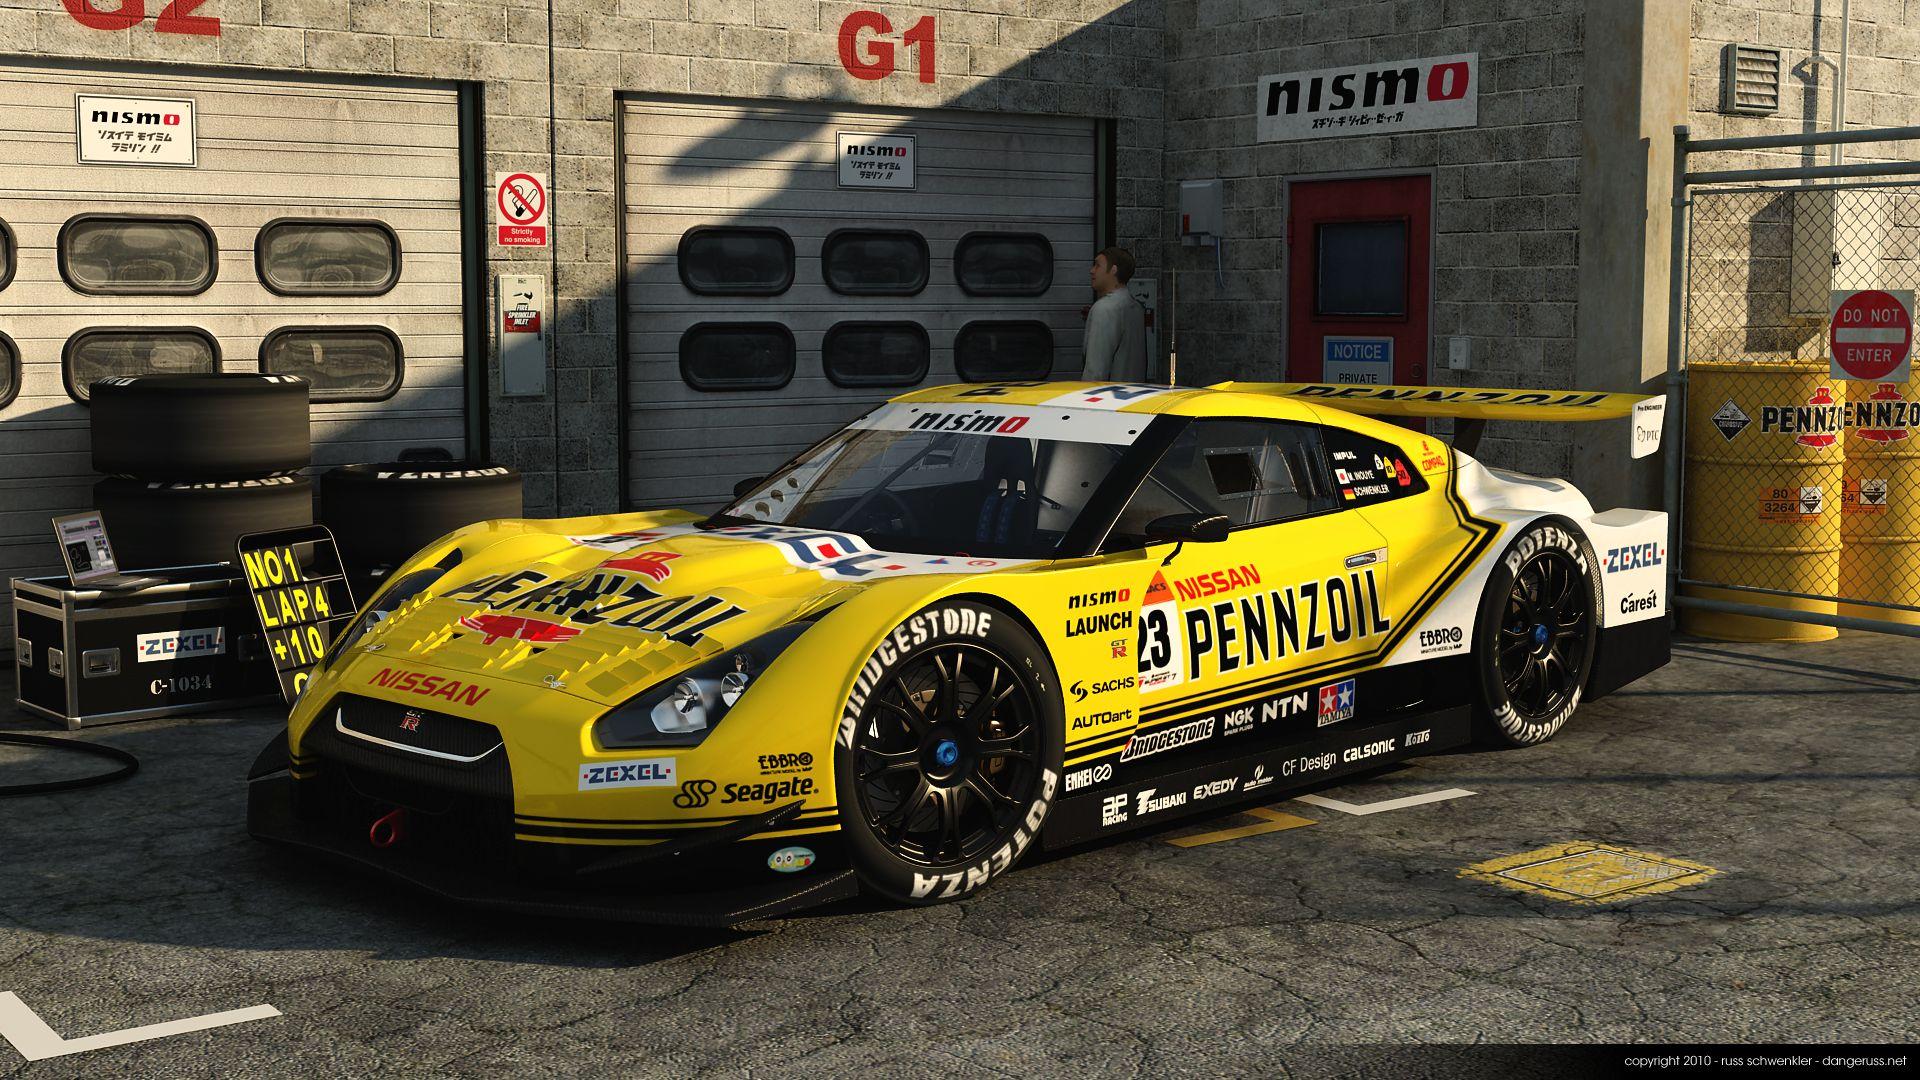 Nissan Gtr Supergt Pennzoil Am By Dangeruss On Deviantart Nissan Gtr Nissan Sports Car Racing